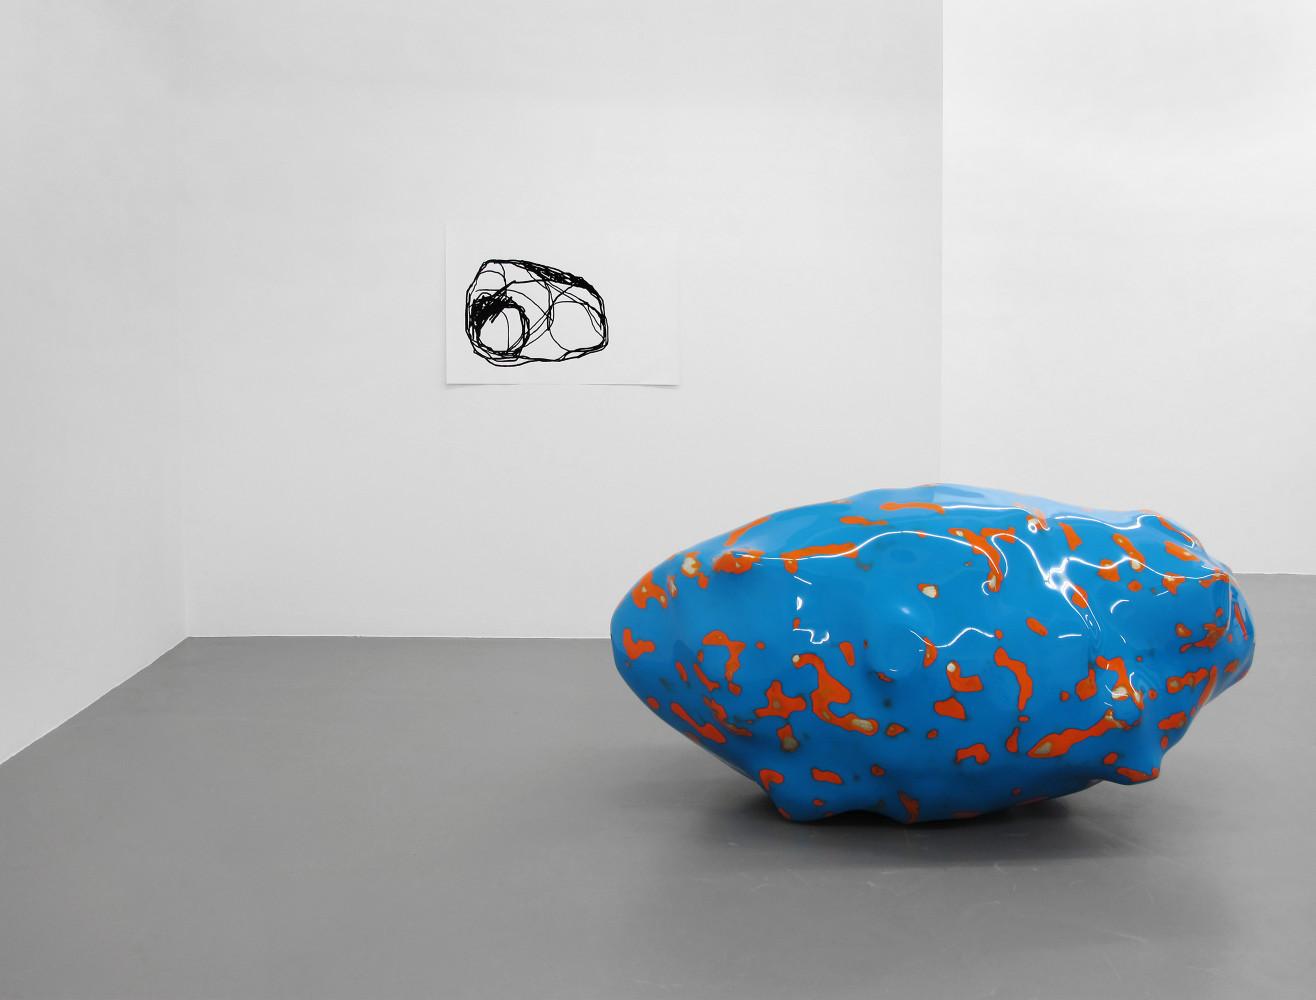 Wilhelm Mundt, 'Klumpen', Installation view, Buchmann Galerie, 2015